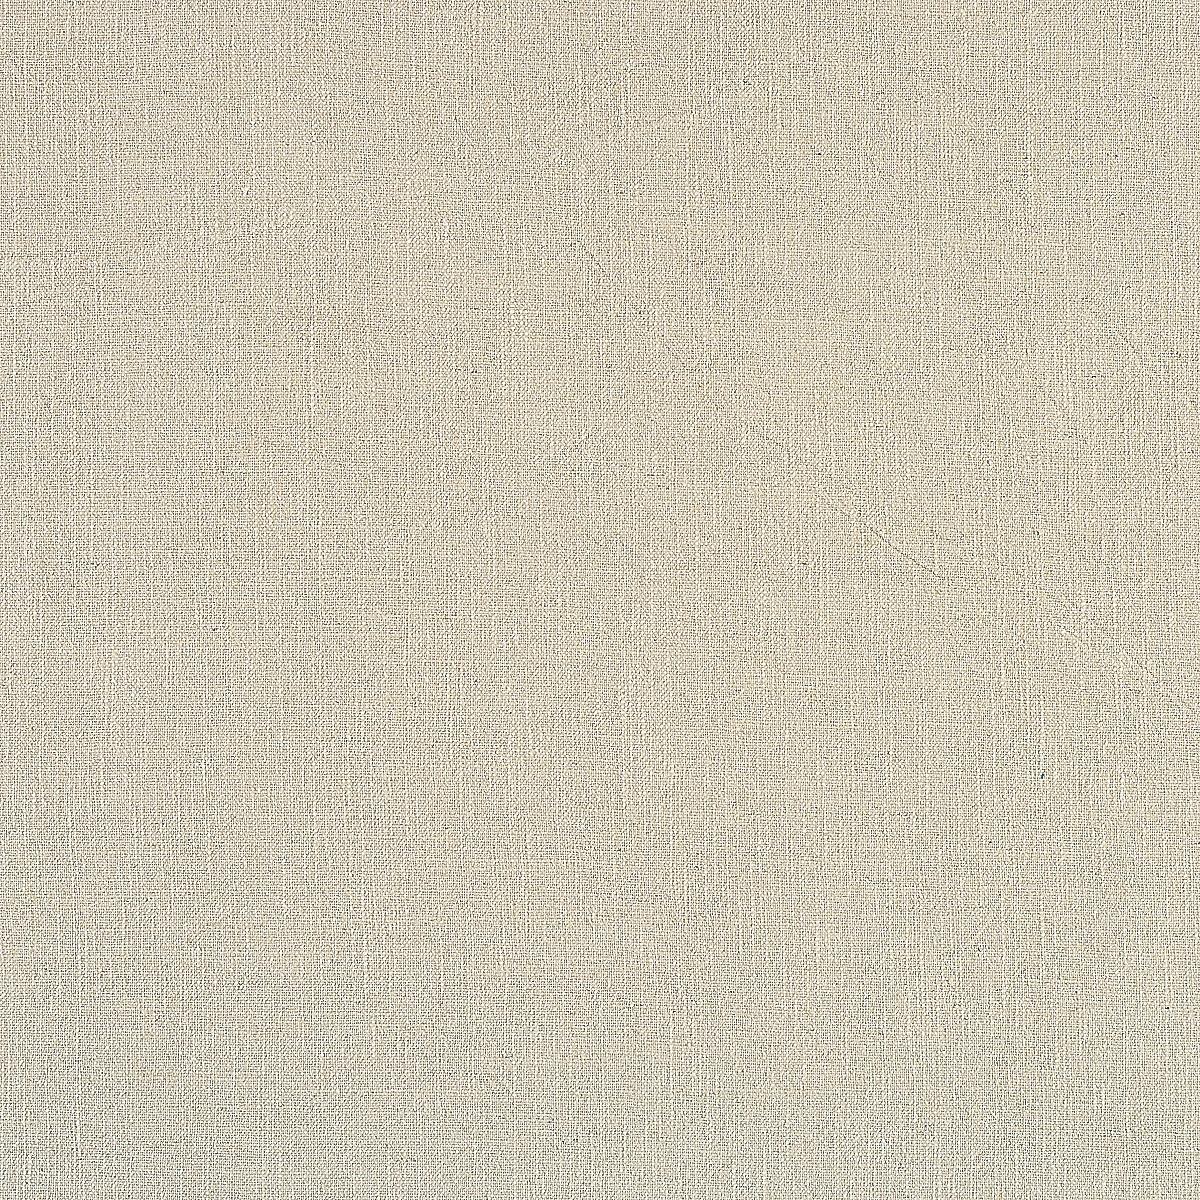 Laid-Back Linen: Oatmeal (fabric yardage)